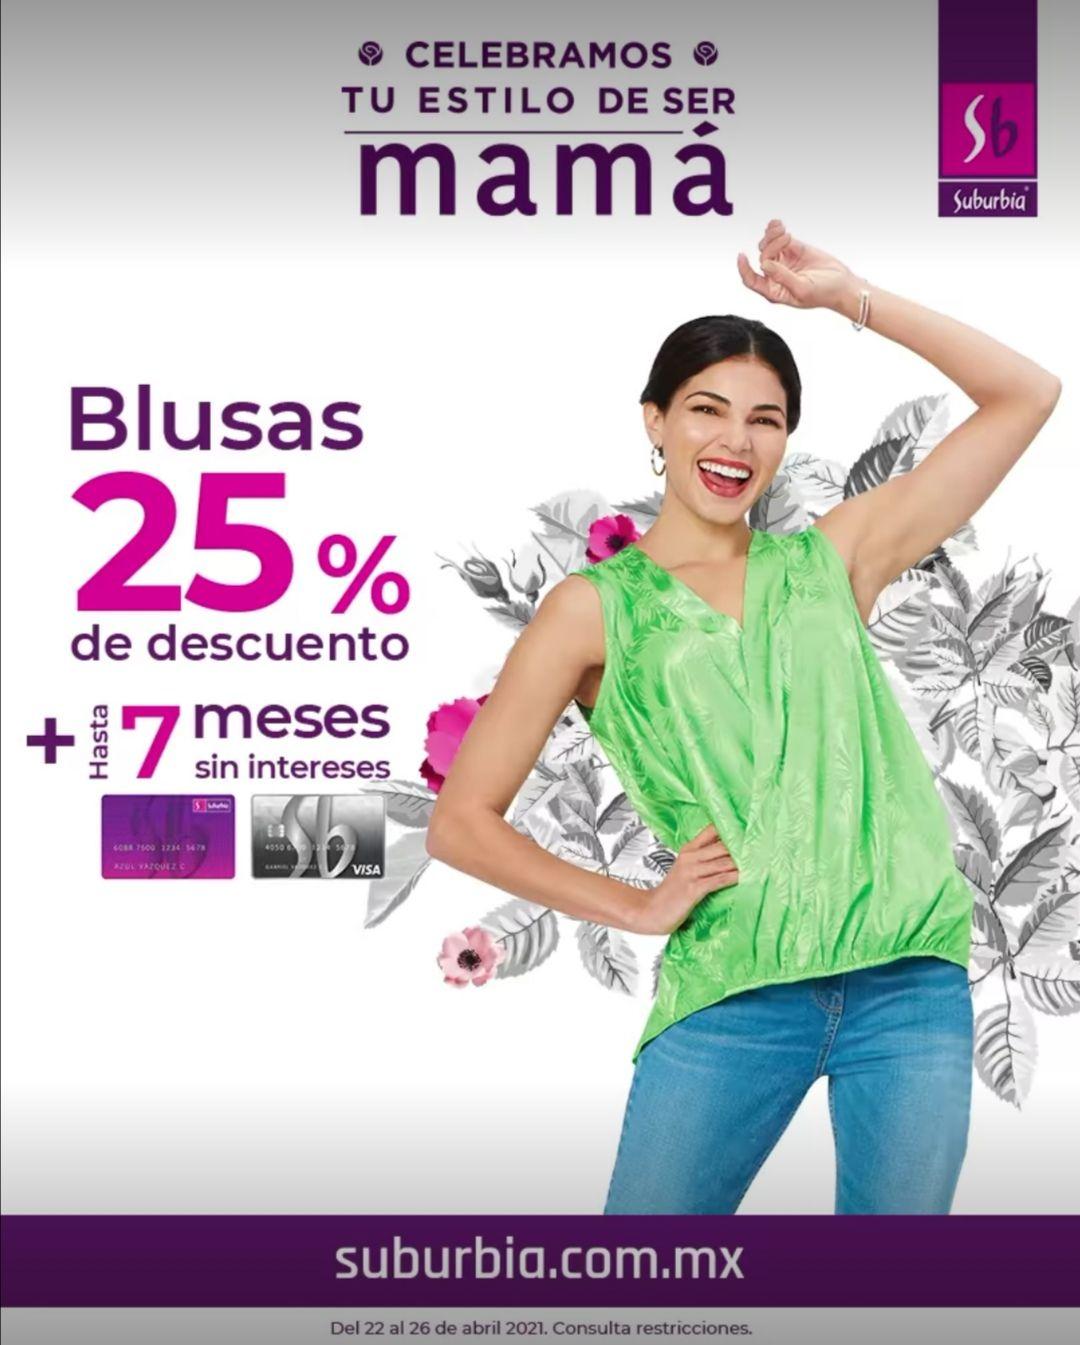 Suburbia: 25% de descuento en blusas y vestidos para mamá + hasta 7 MSI